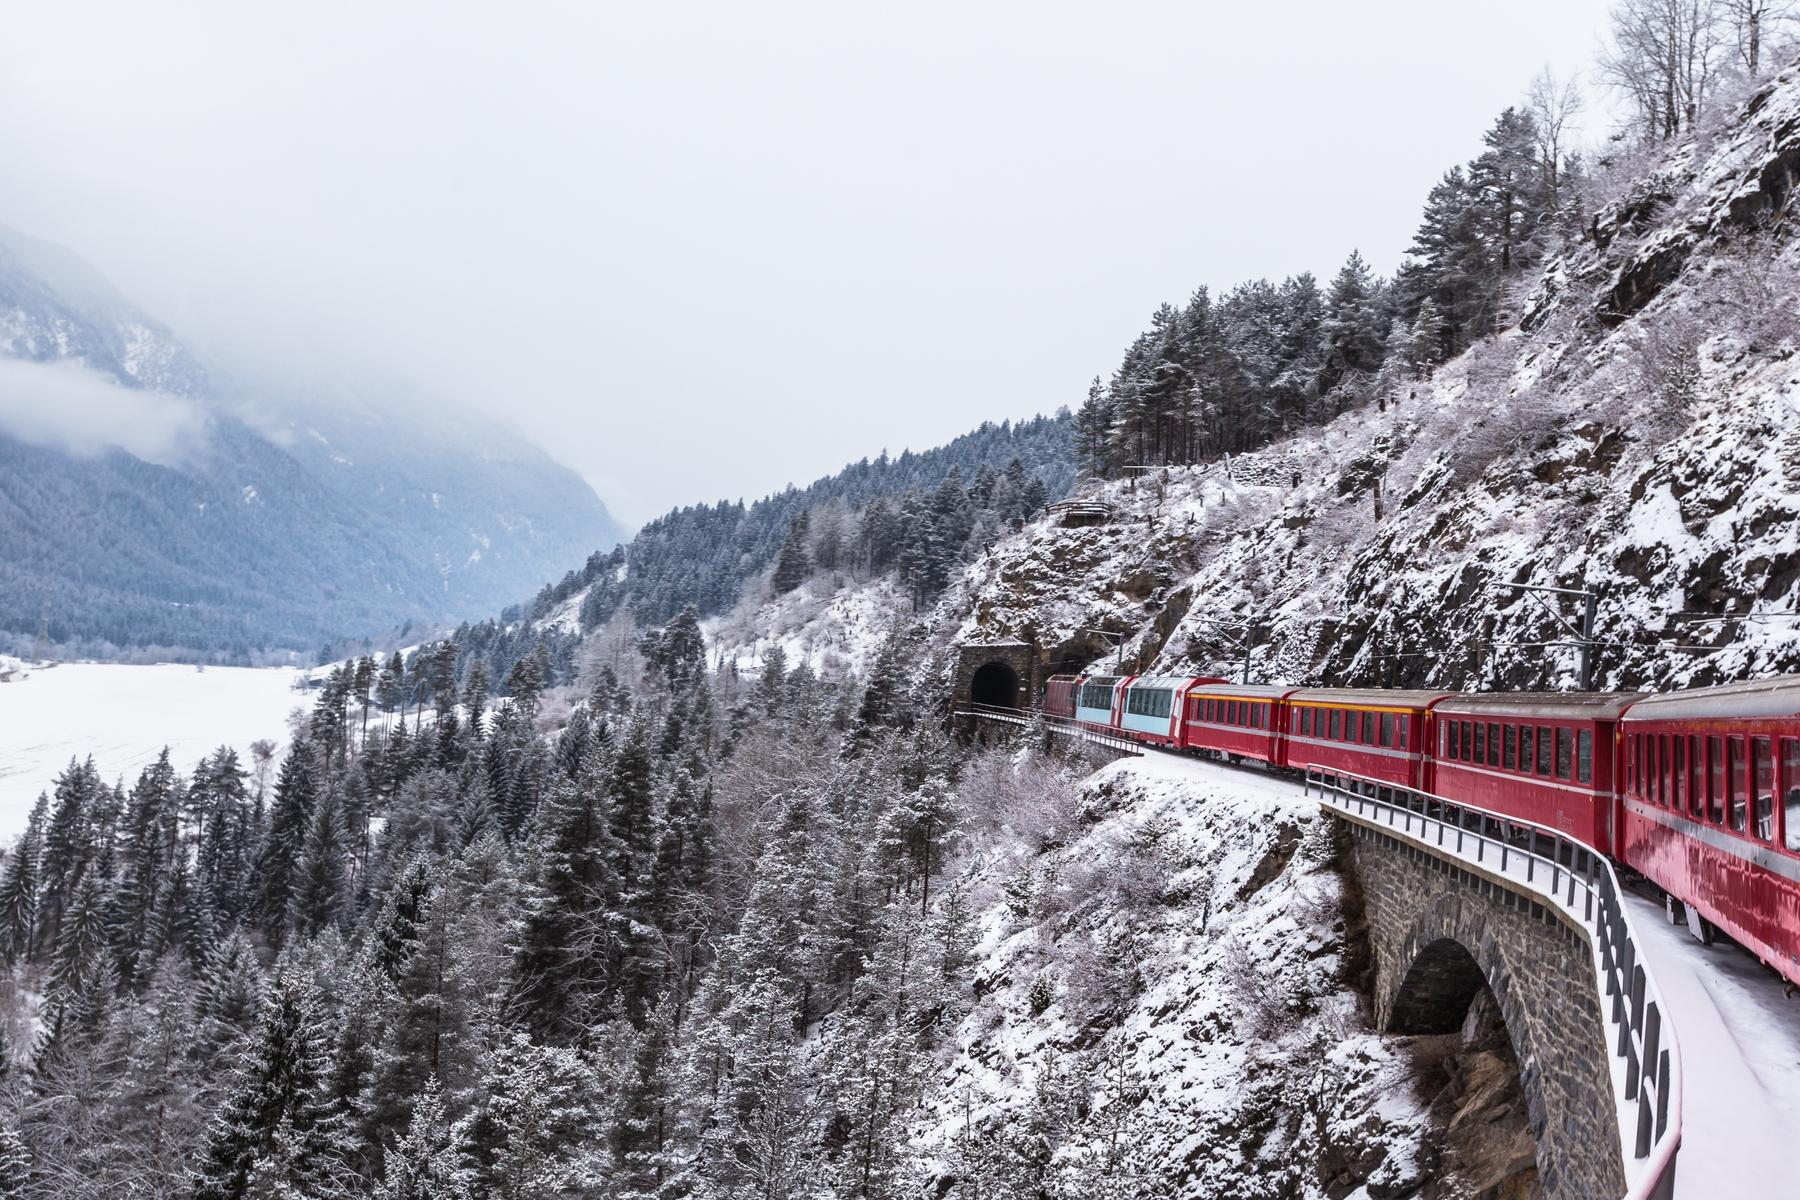 Saint-Moritz en Suisse peut être une destination idéale pour partir en vacances en janvier